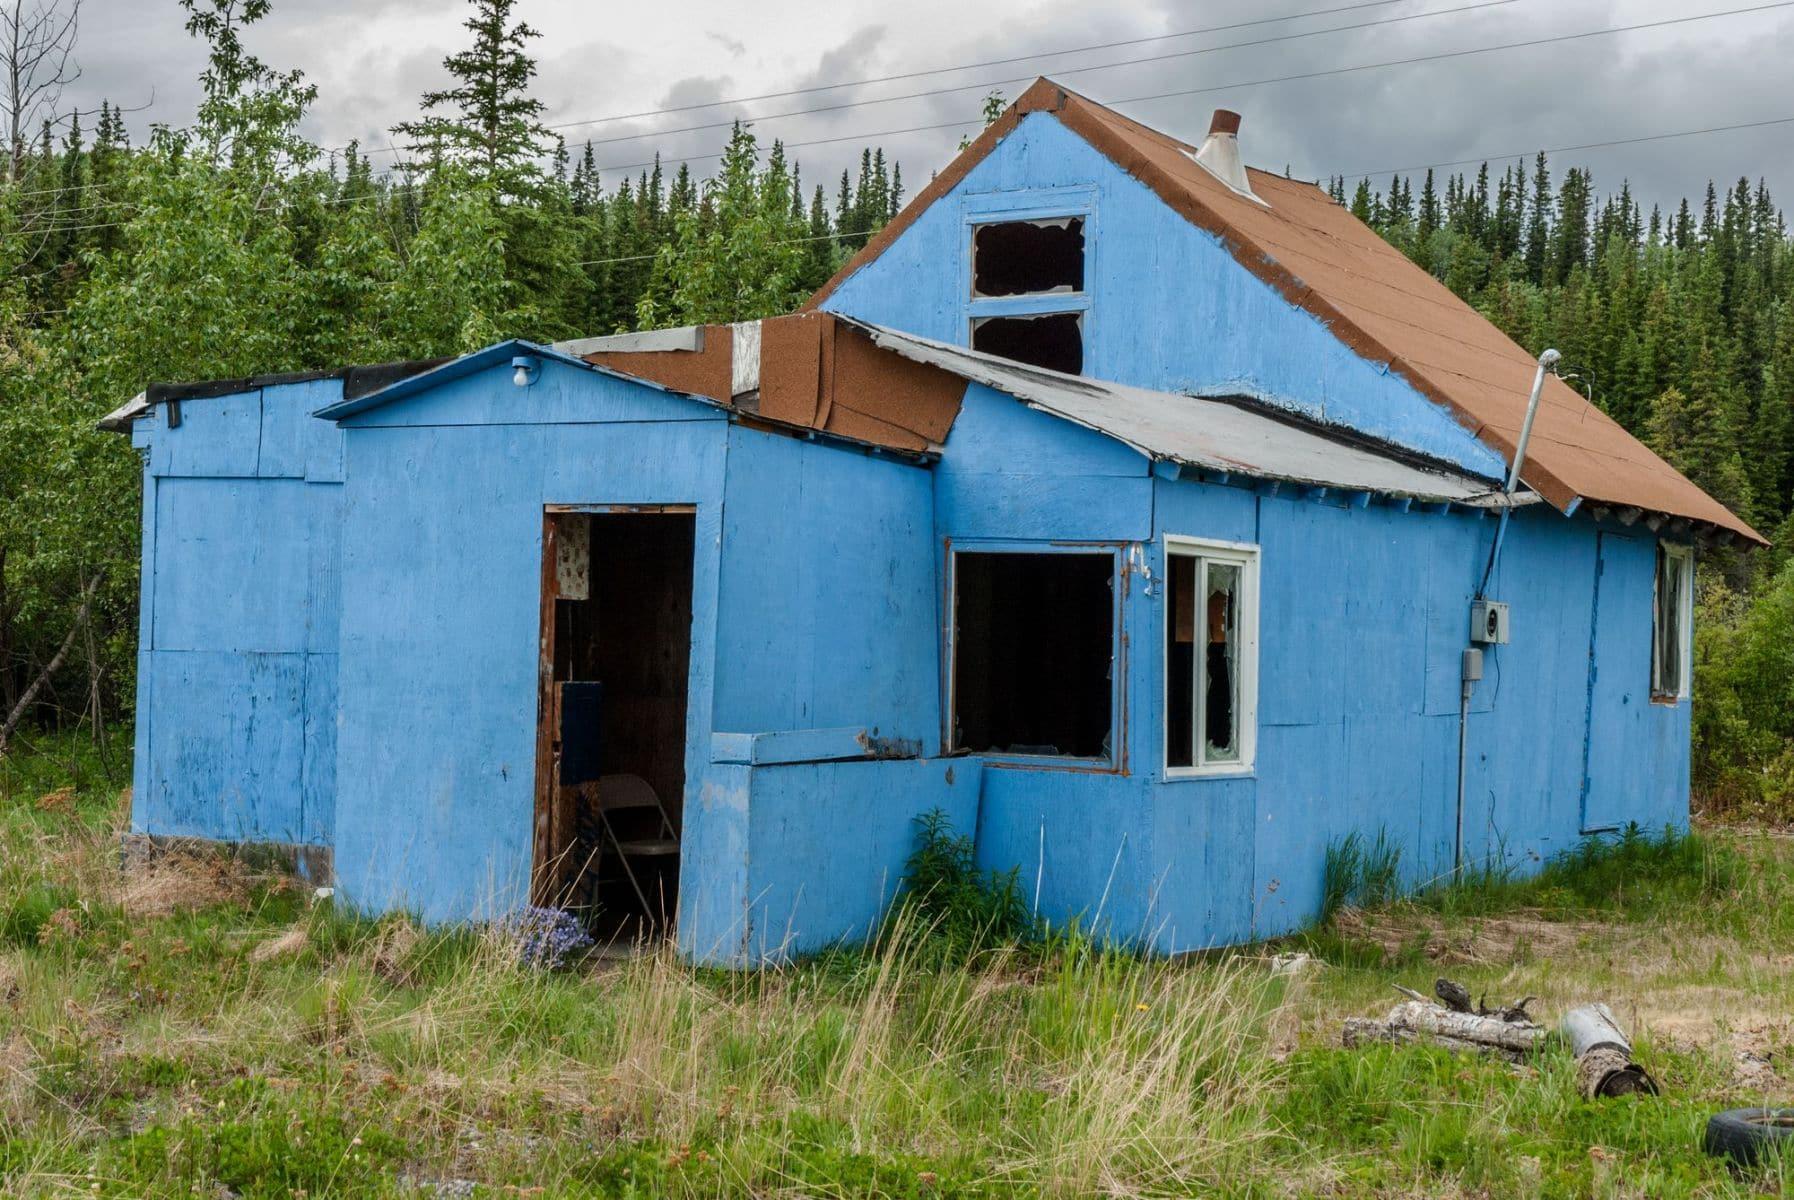 MichelAycaguer-Alaska bleu gris vert-2010-34